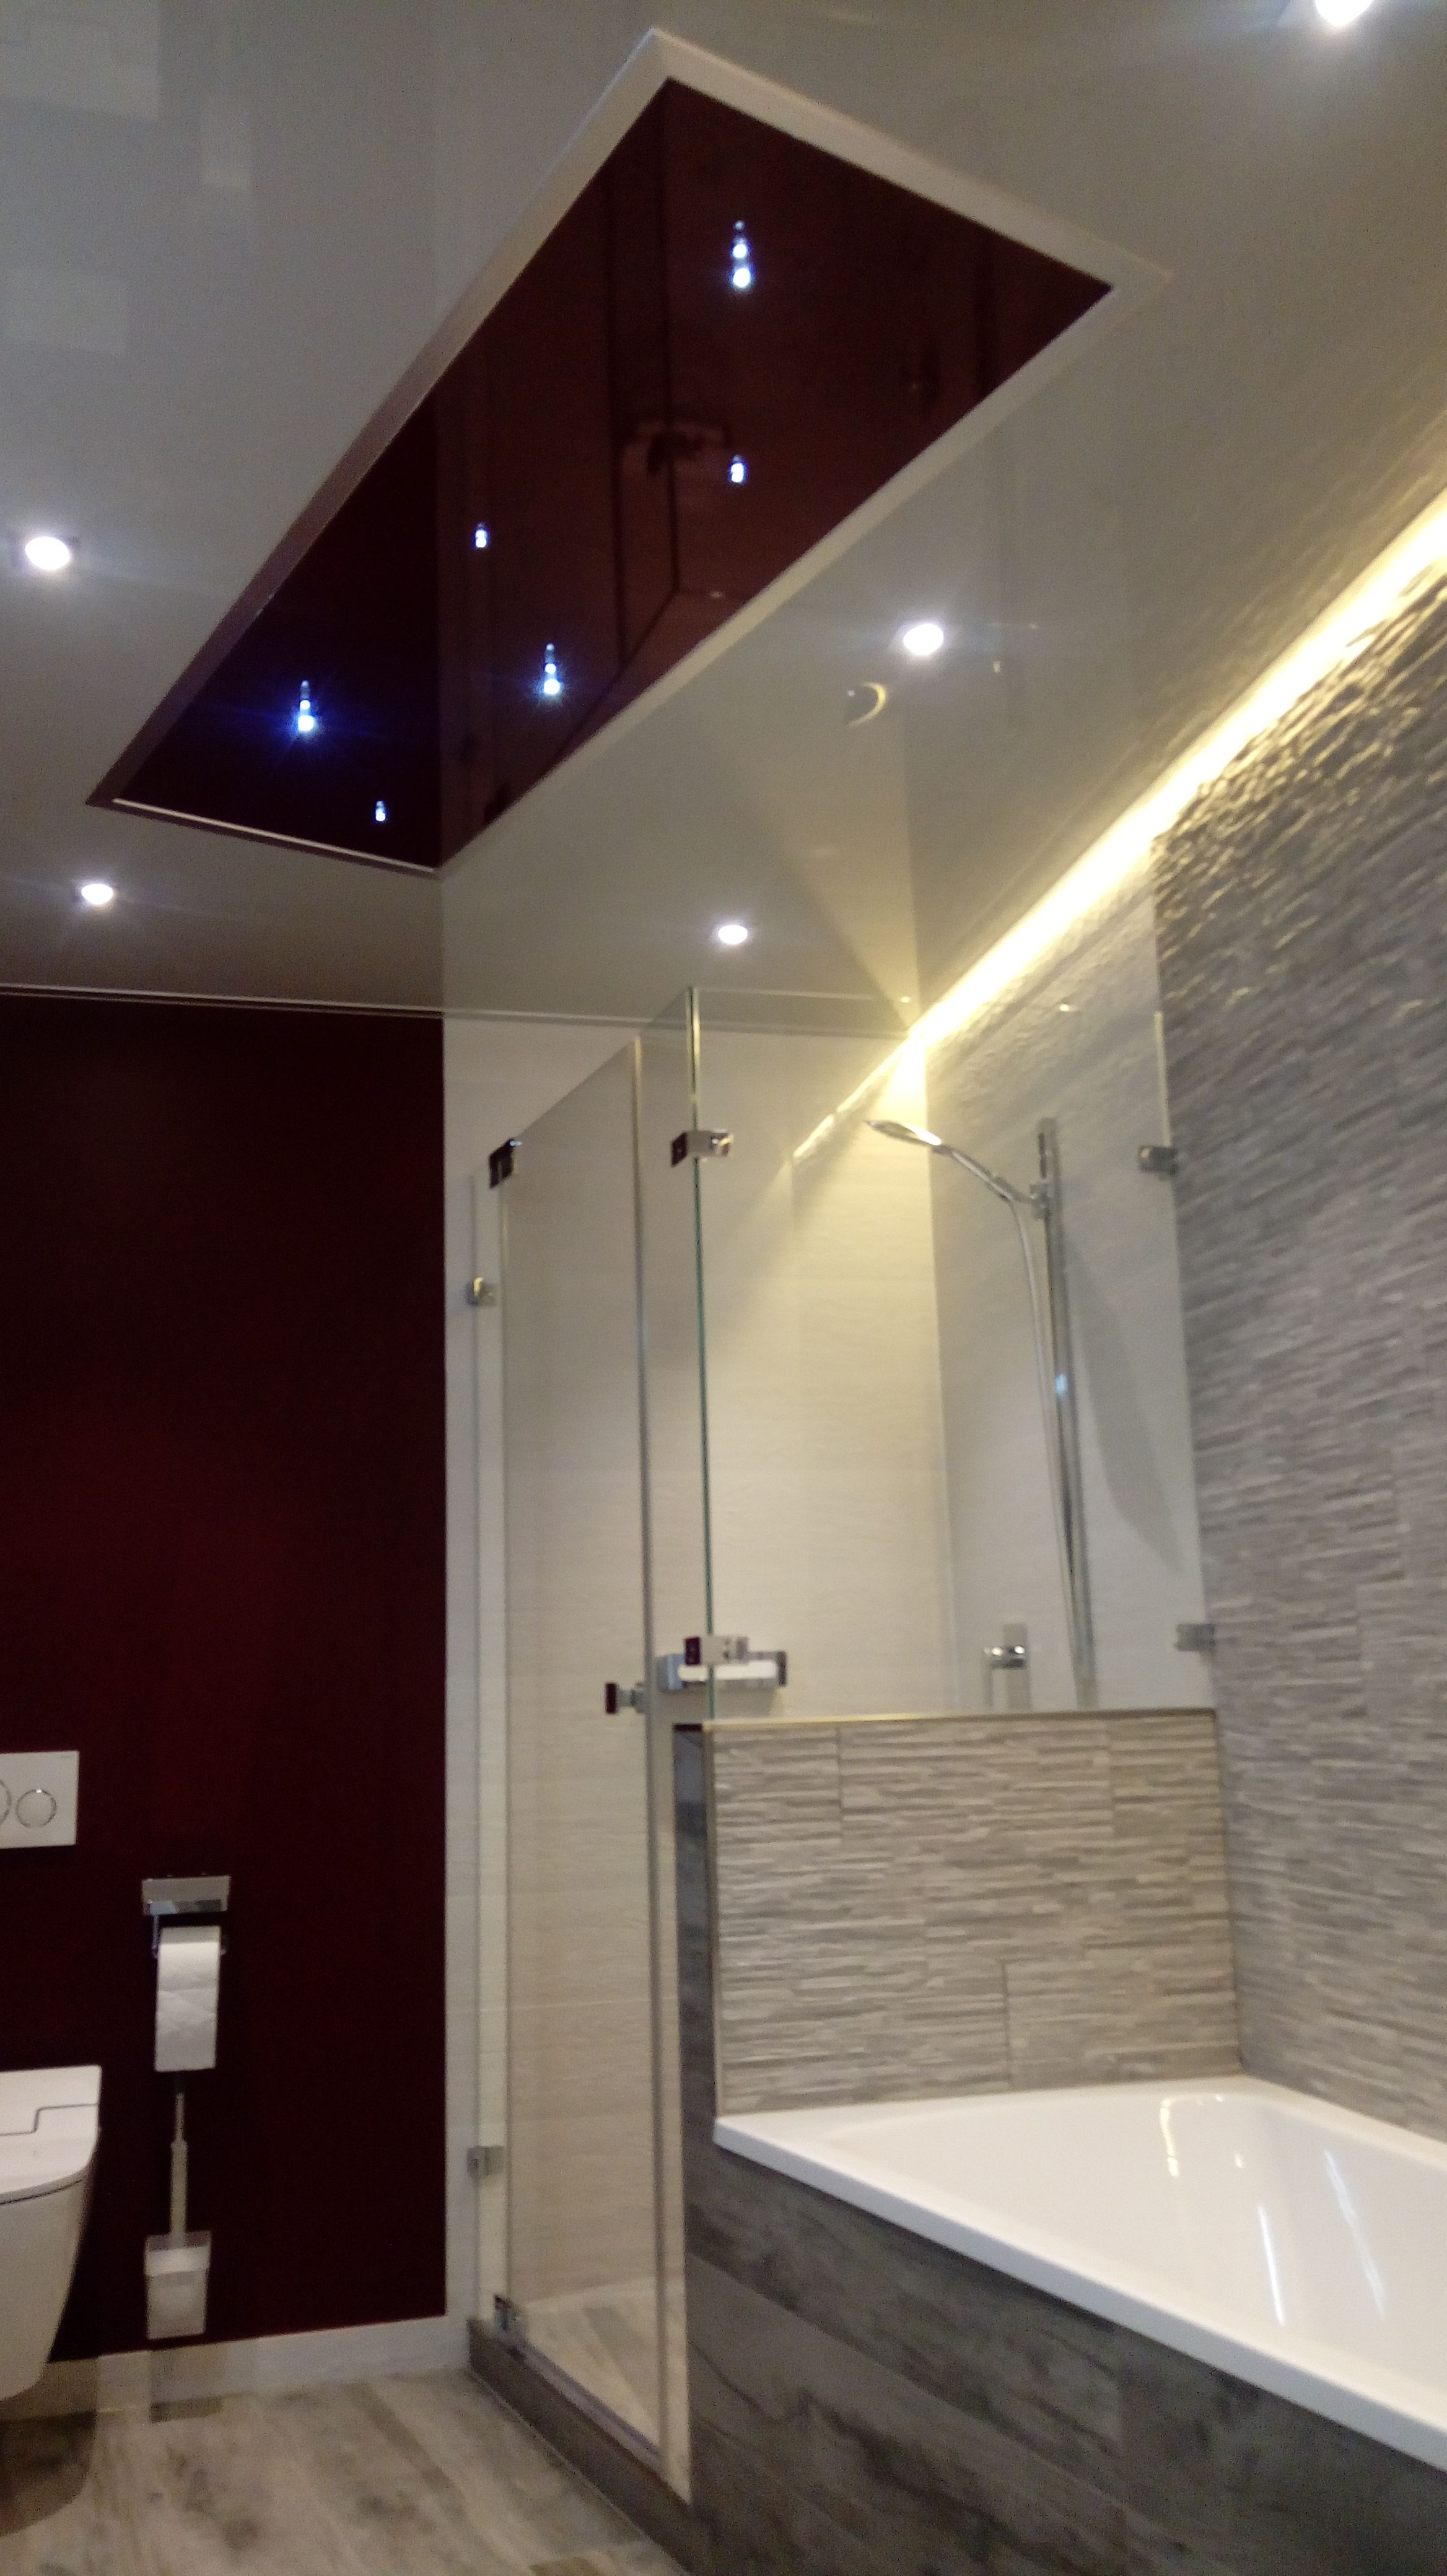 Hochglanzende Badezimmer Spanndecke Von Plameco Mit Moderner Led Beleuchtung Und Lichteffekten Das Rote Element In Dieser Badezim Spanndecken Badezimmer Decke